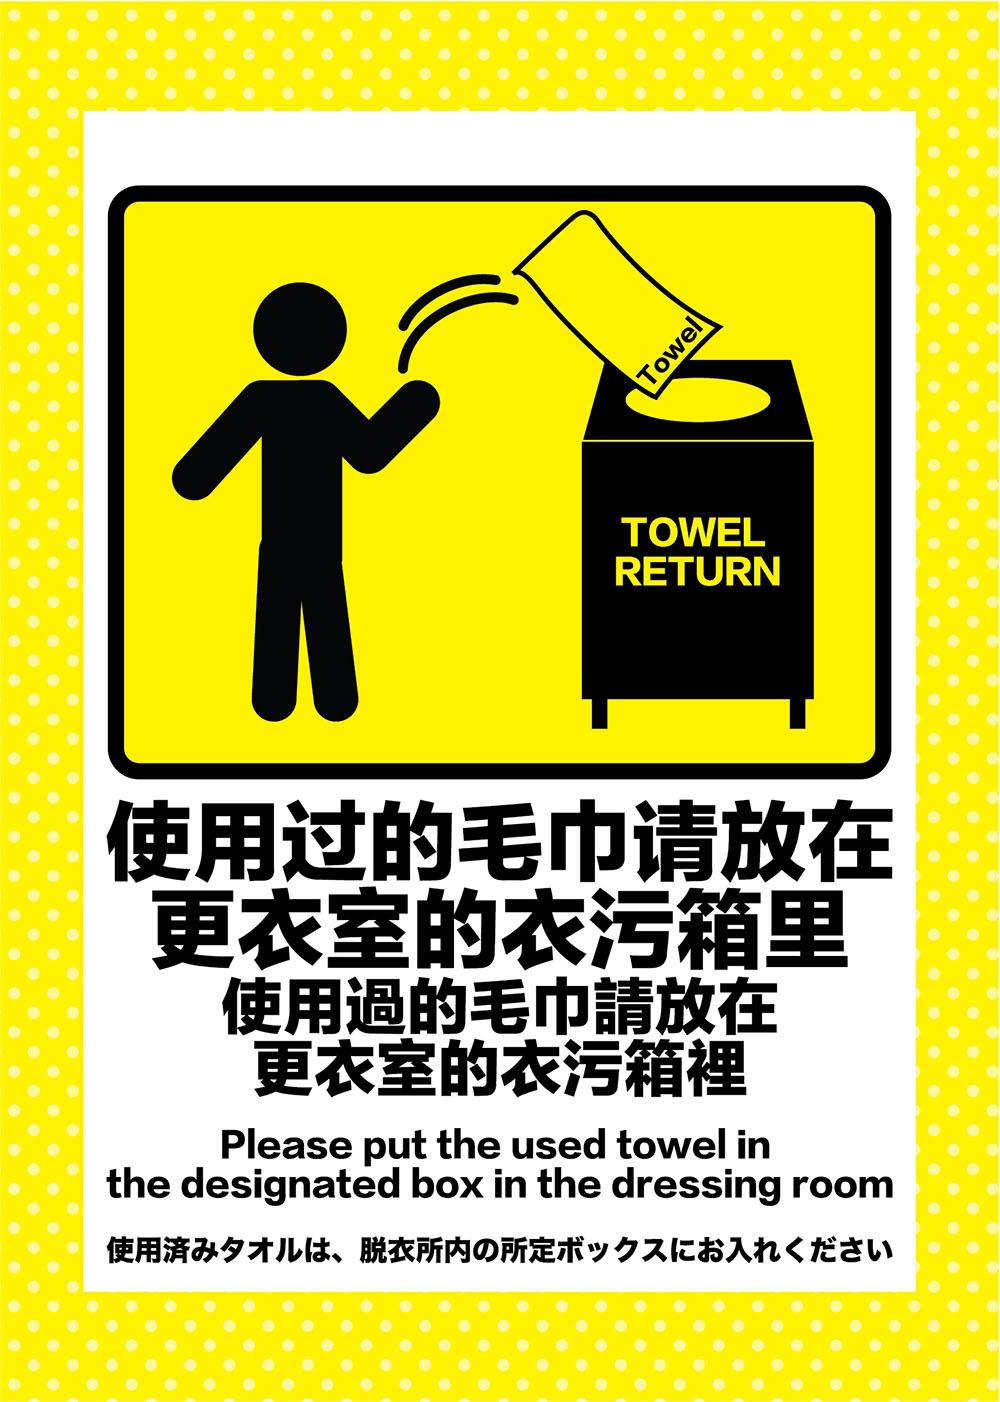 湯船にタオルを入れないでください